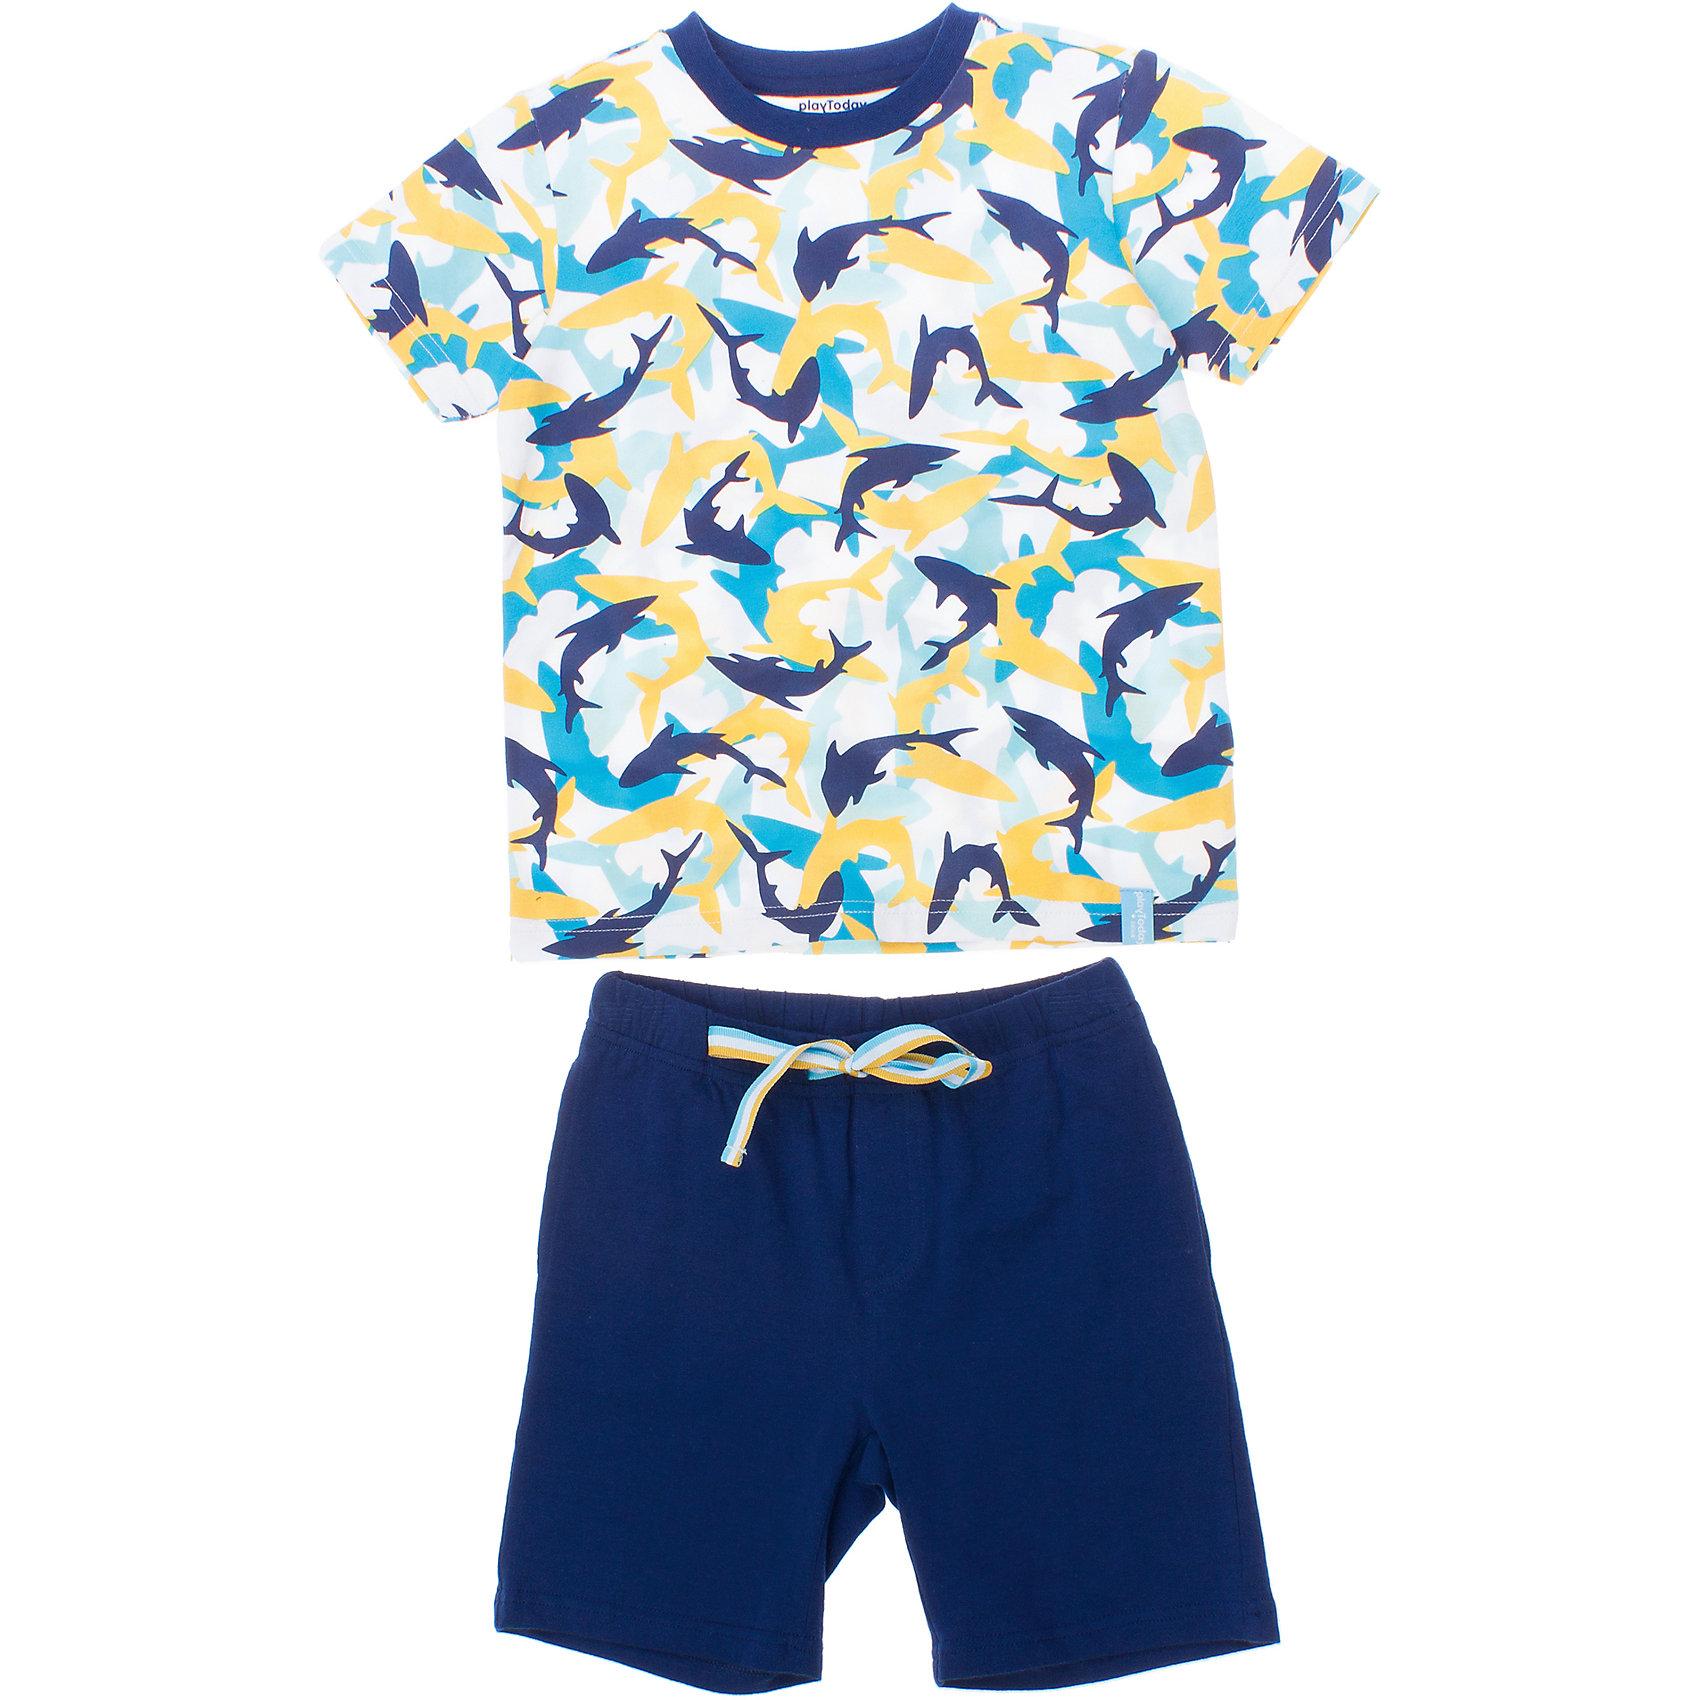 Комплект: футболка и шорты для мальчика PlayTodayКомплект: футболка и шорты для мальчика PlayToday <br><br>Состав: 95% хлопок, 5% эластан <br><br>Комплект из хлопковой футболки и шорт. <br>Шорты с двумя функциональными карманами. <br>На поясе широкая резинка.<br><br>Ширина мм: 199<br>Глубина мм: 10<br>Высота мм: 161<br>Вес г: 151<br>Цвет: синий<br>Возраст от месяцев: 84<br>Возраст до месяцев: 96<br>Пол: Мужской<br>Возраст: Детский<br>Размер: 122,104,110,98,116,128<br>SKU: 4502651